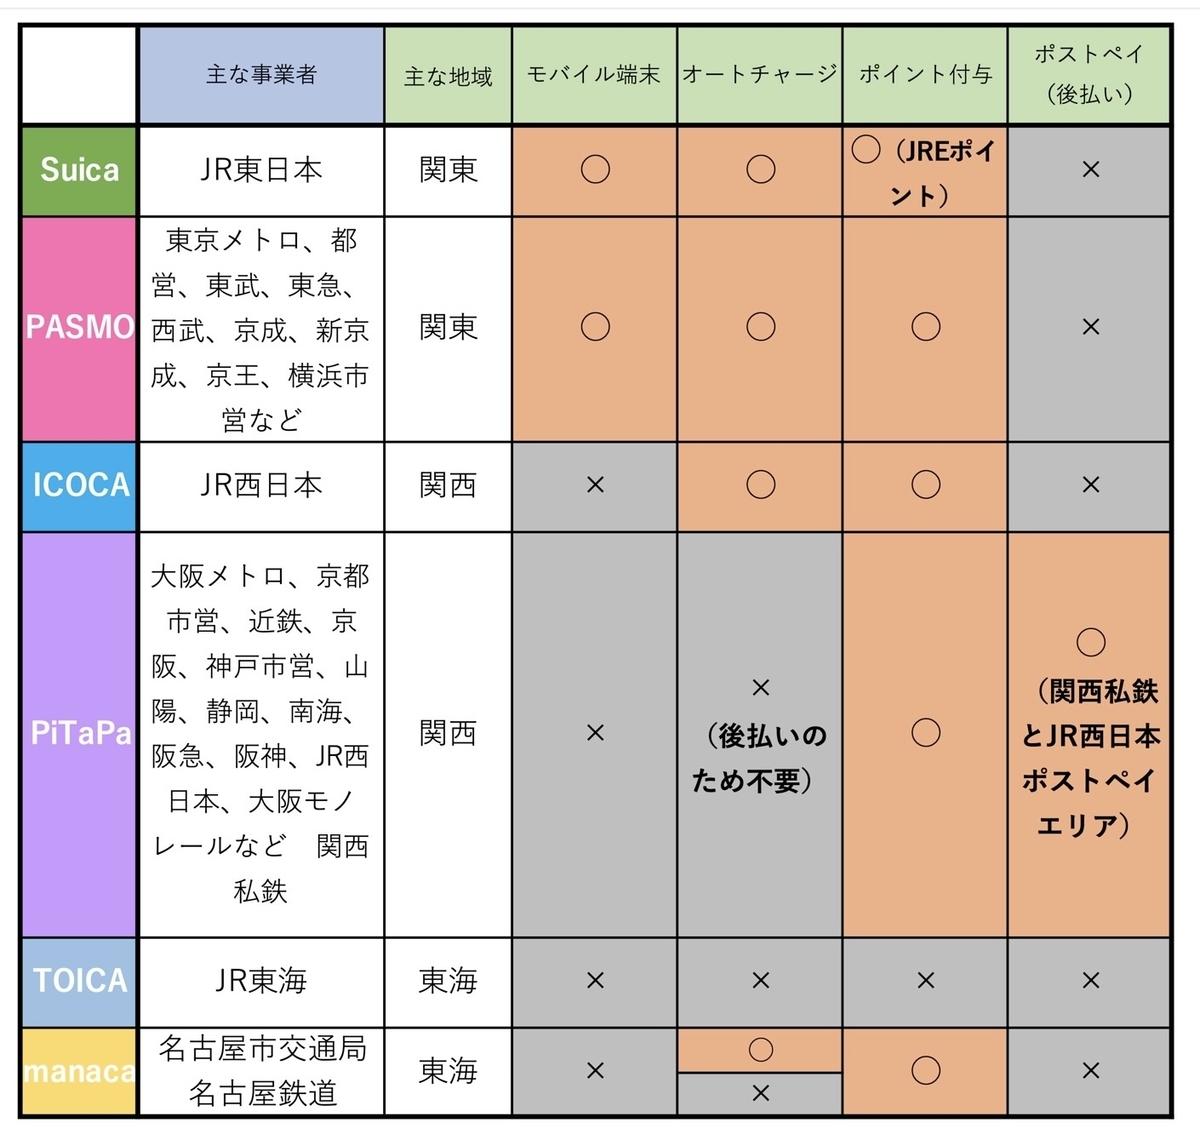 f:id:hiro9332:20210407233613j:plain